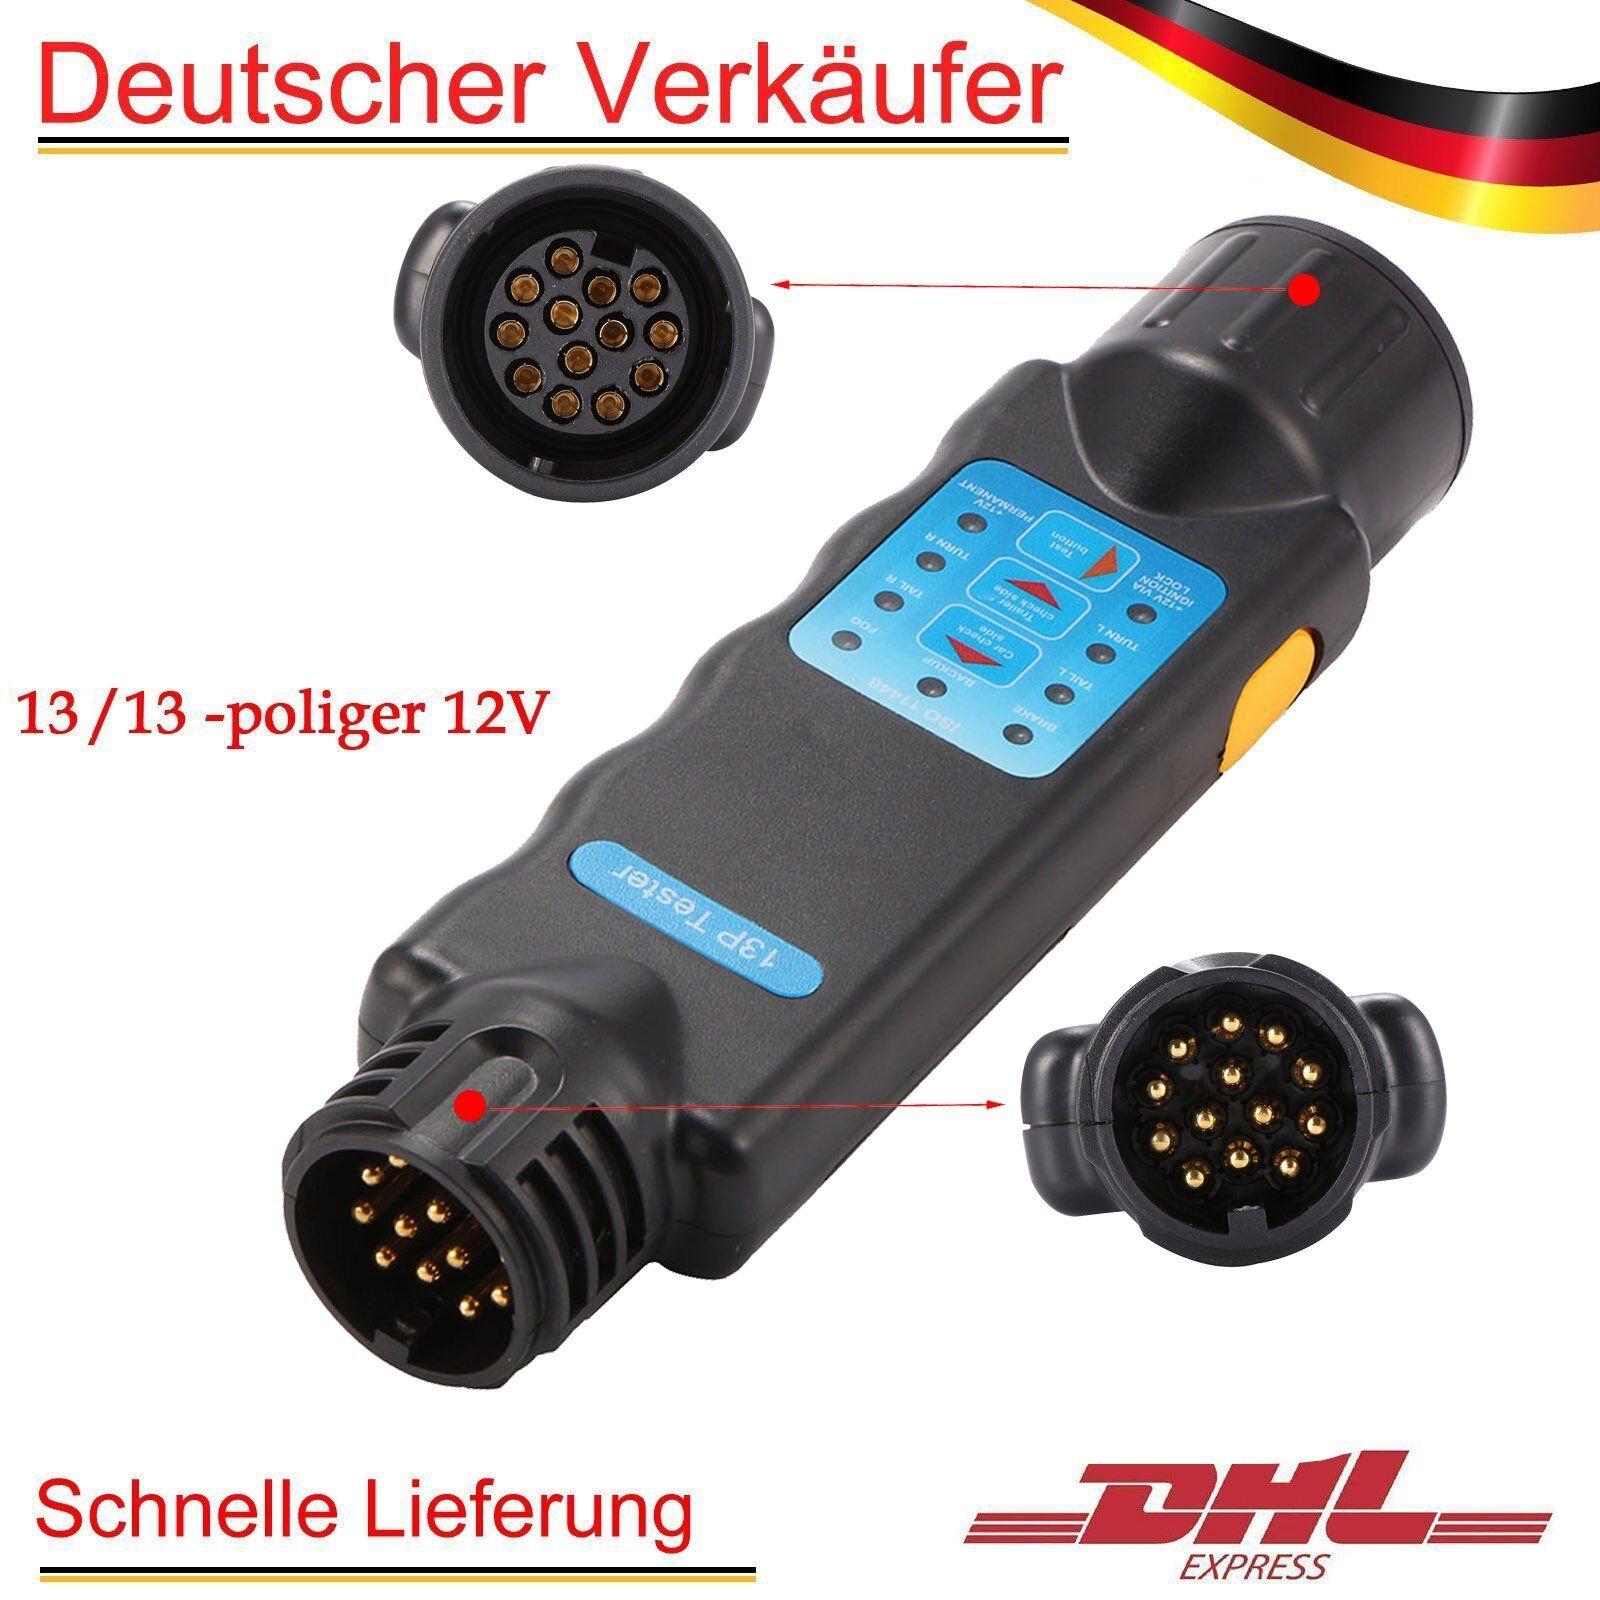 13-13 Pol Prüfgerät Anhänger Tester Trailer Prüfer Stecker Steckdose Wohnwagen